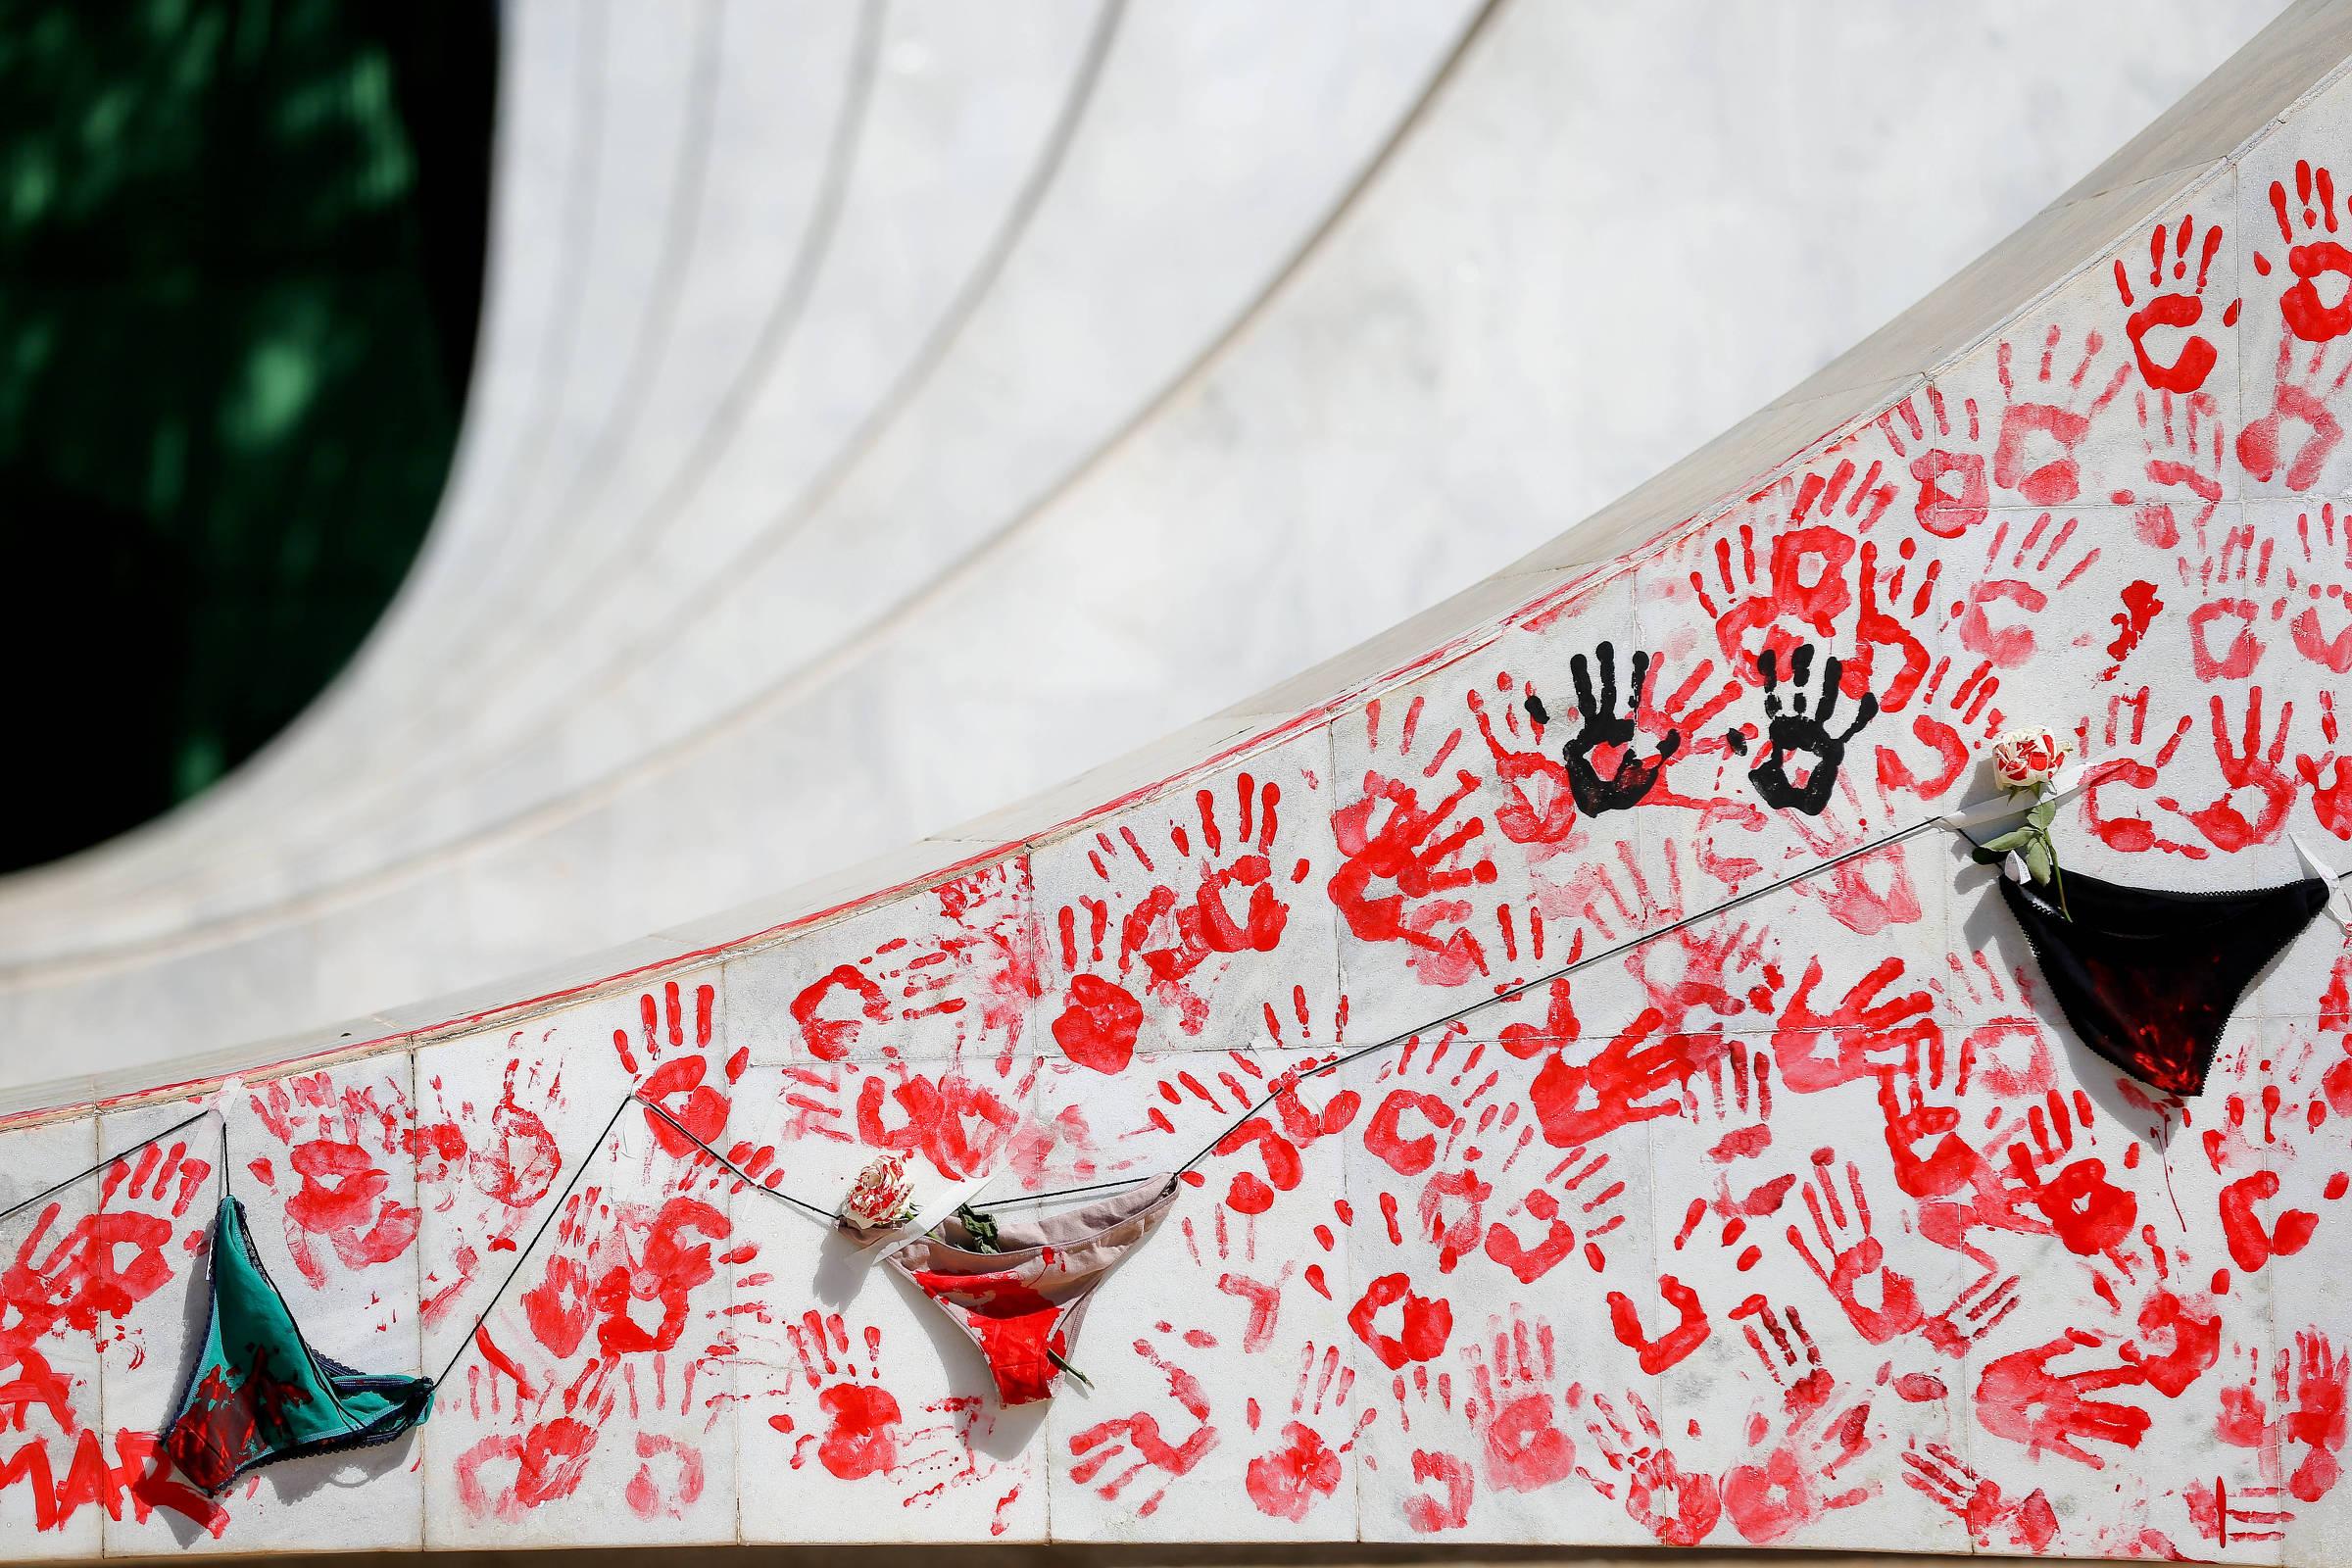 Ato pelo fim da violência contra a mulher e a cultura do estupro, em Brasília - Alan Marques - 29.jun.2016/Folhapress